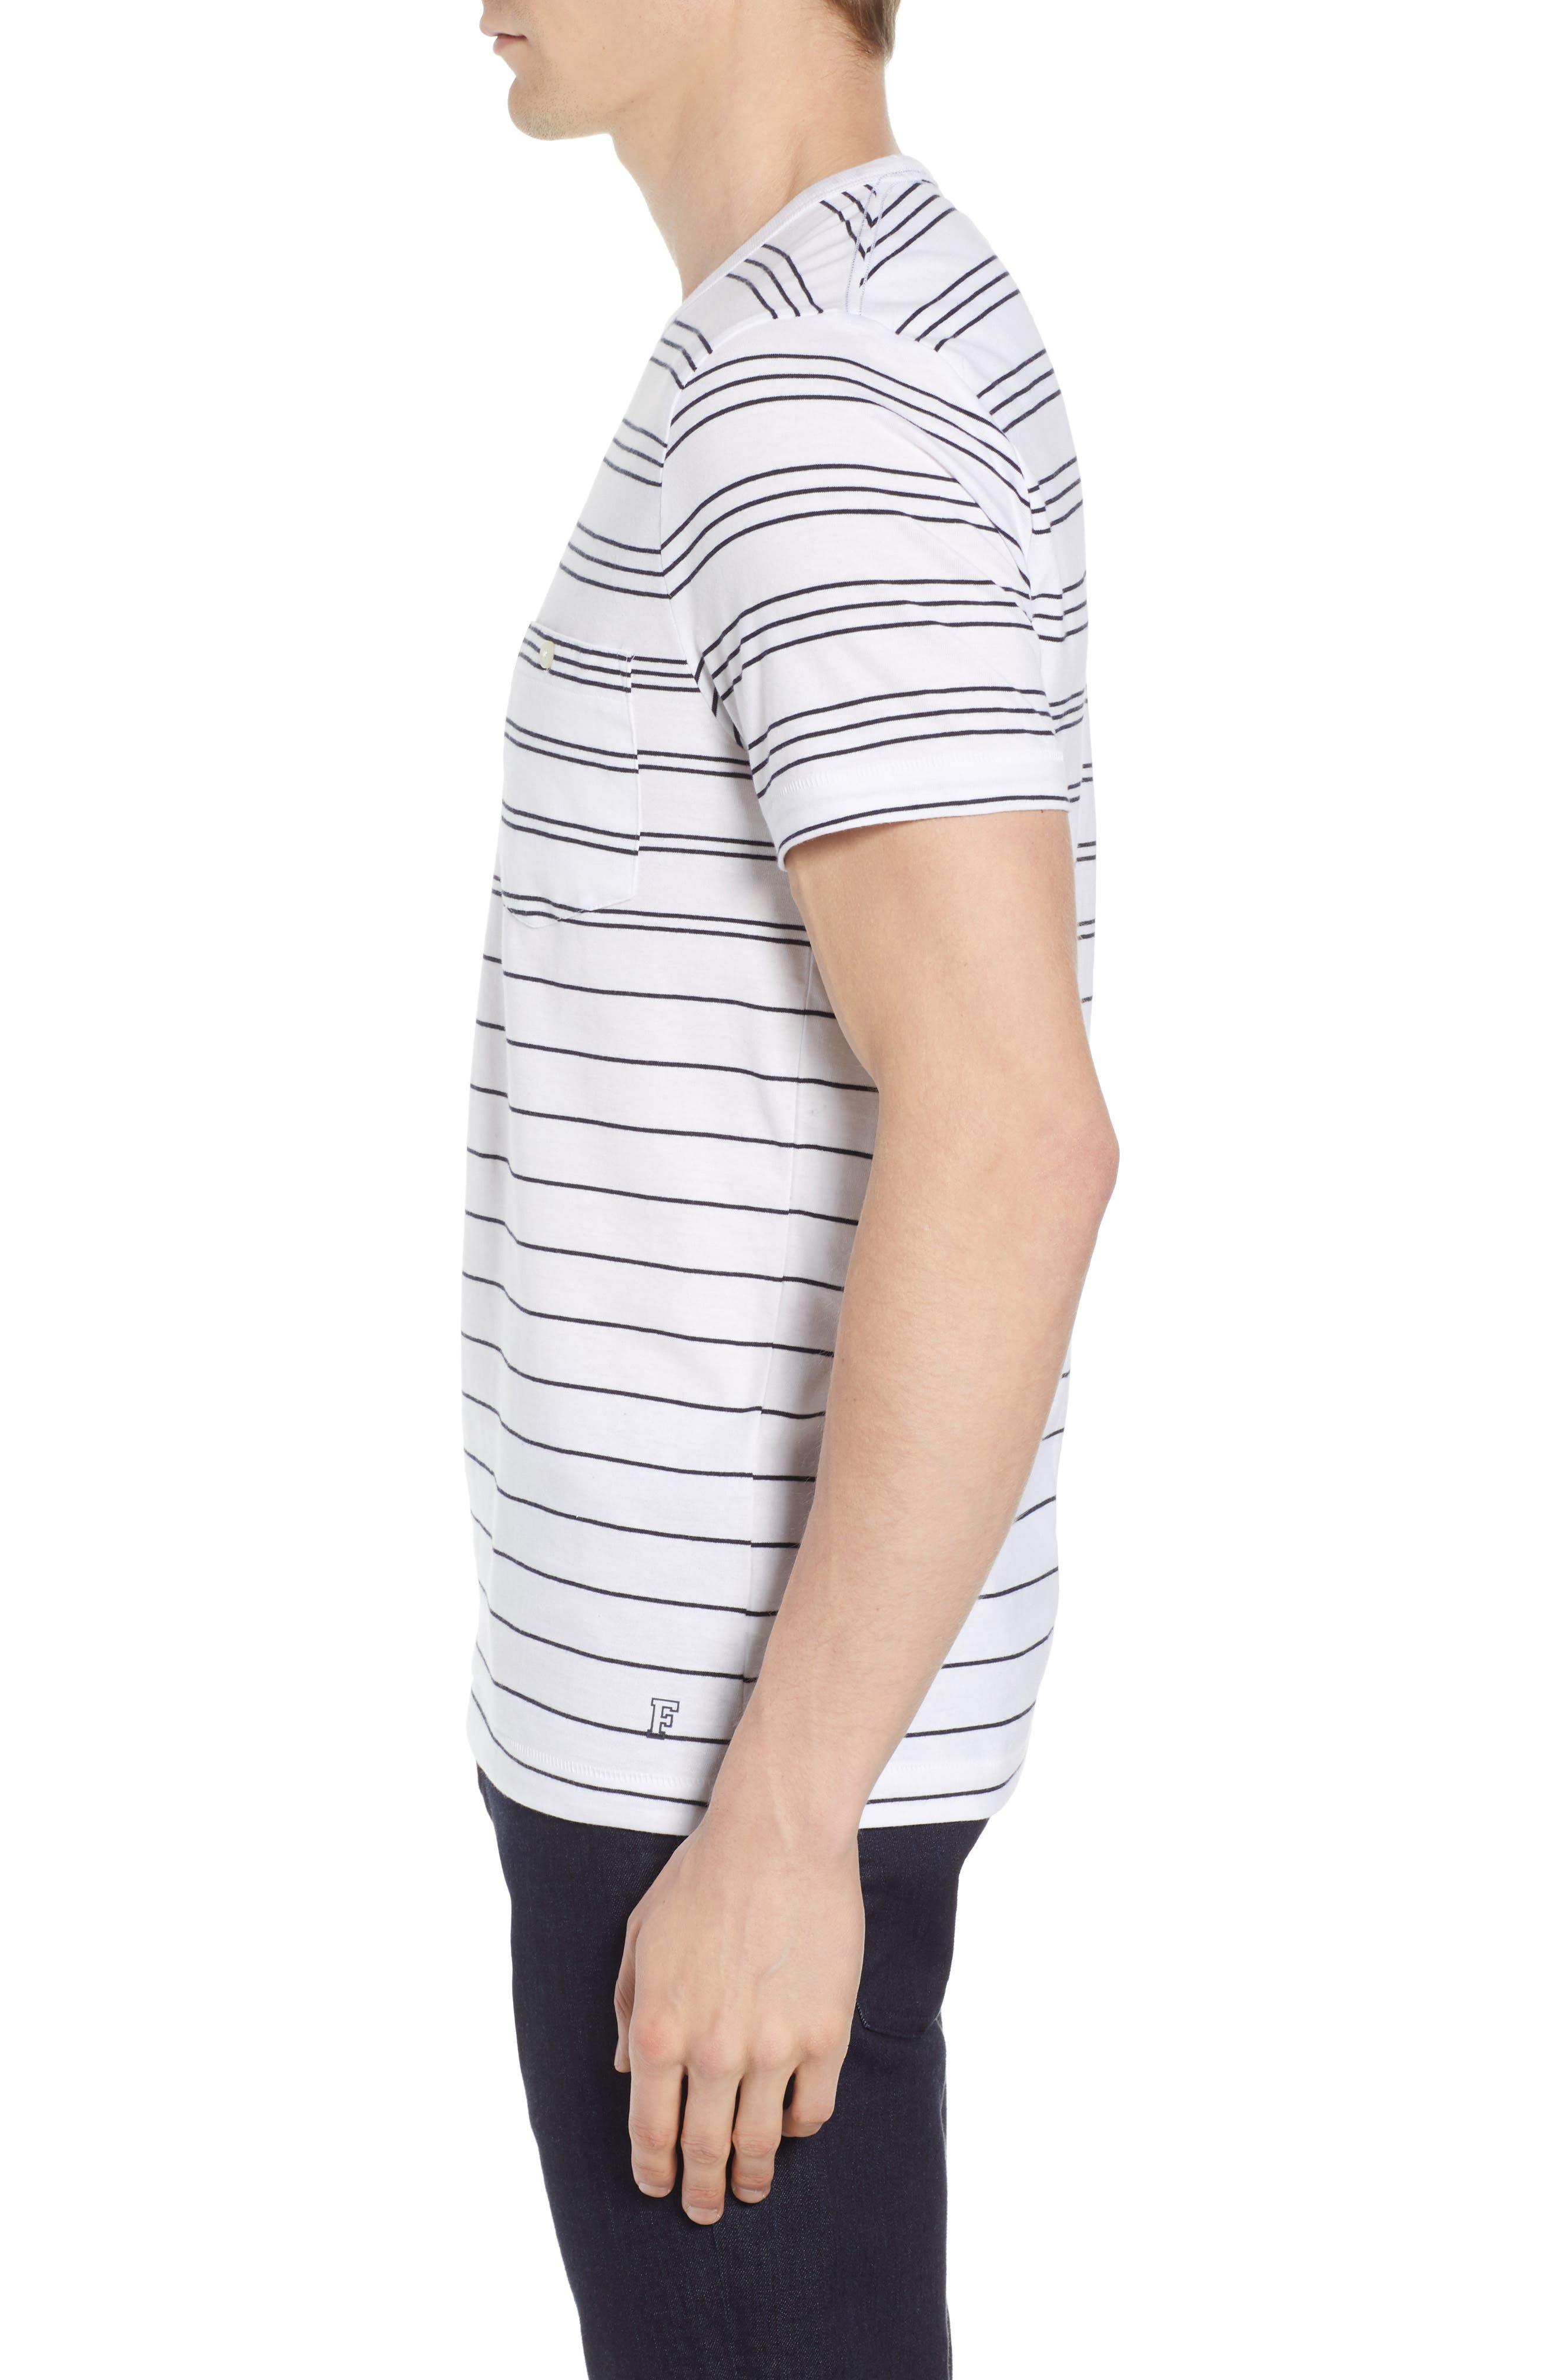 Summer Graded Stripe Pocket T-Shirt,                             Alternate thumbnail 3, color,                             WHITE MARINE BLUE